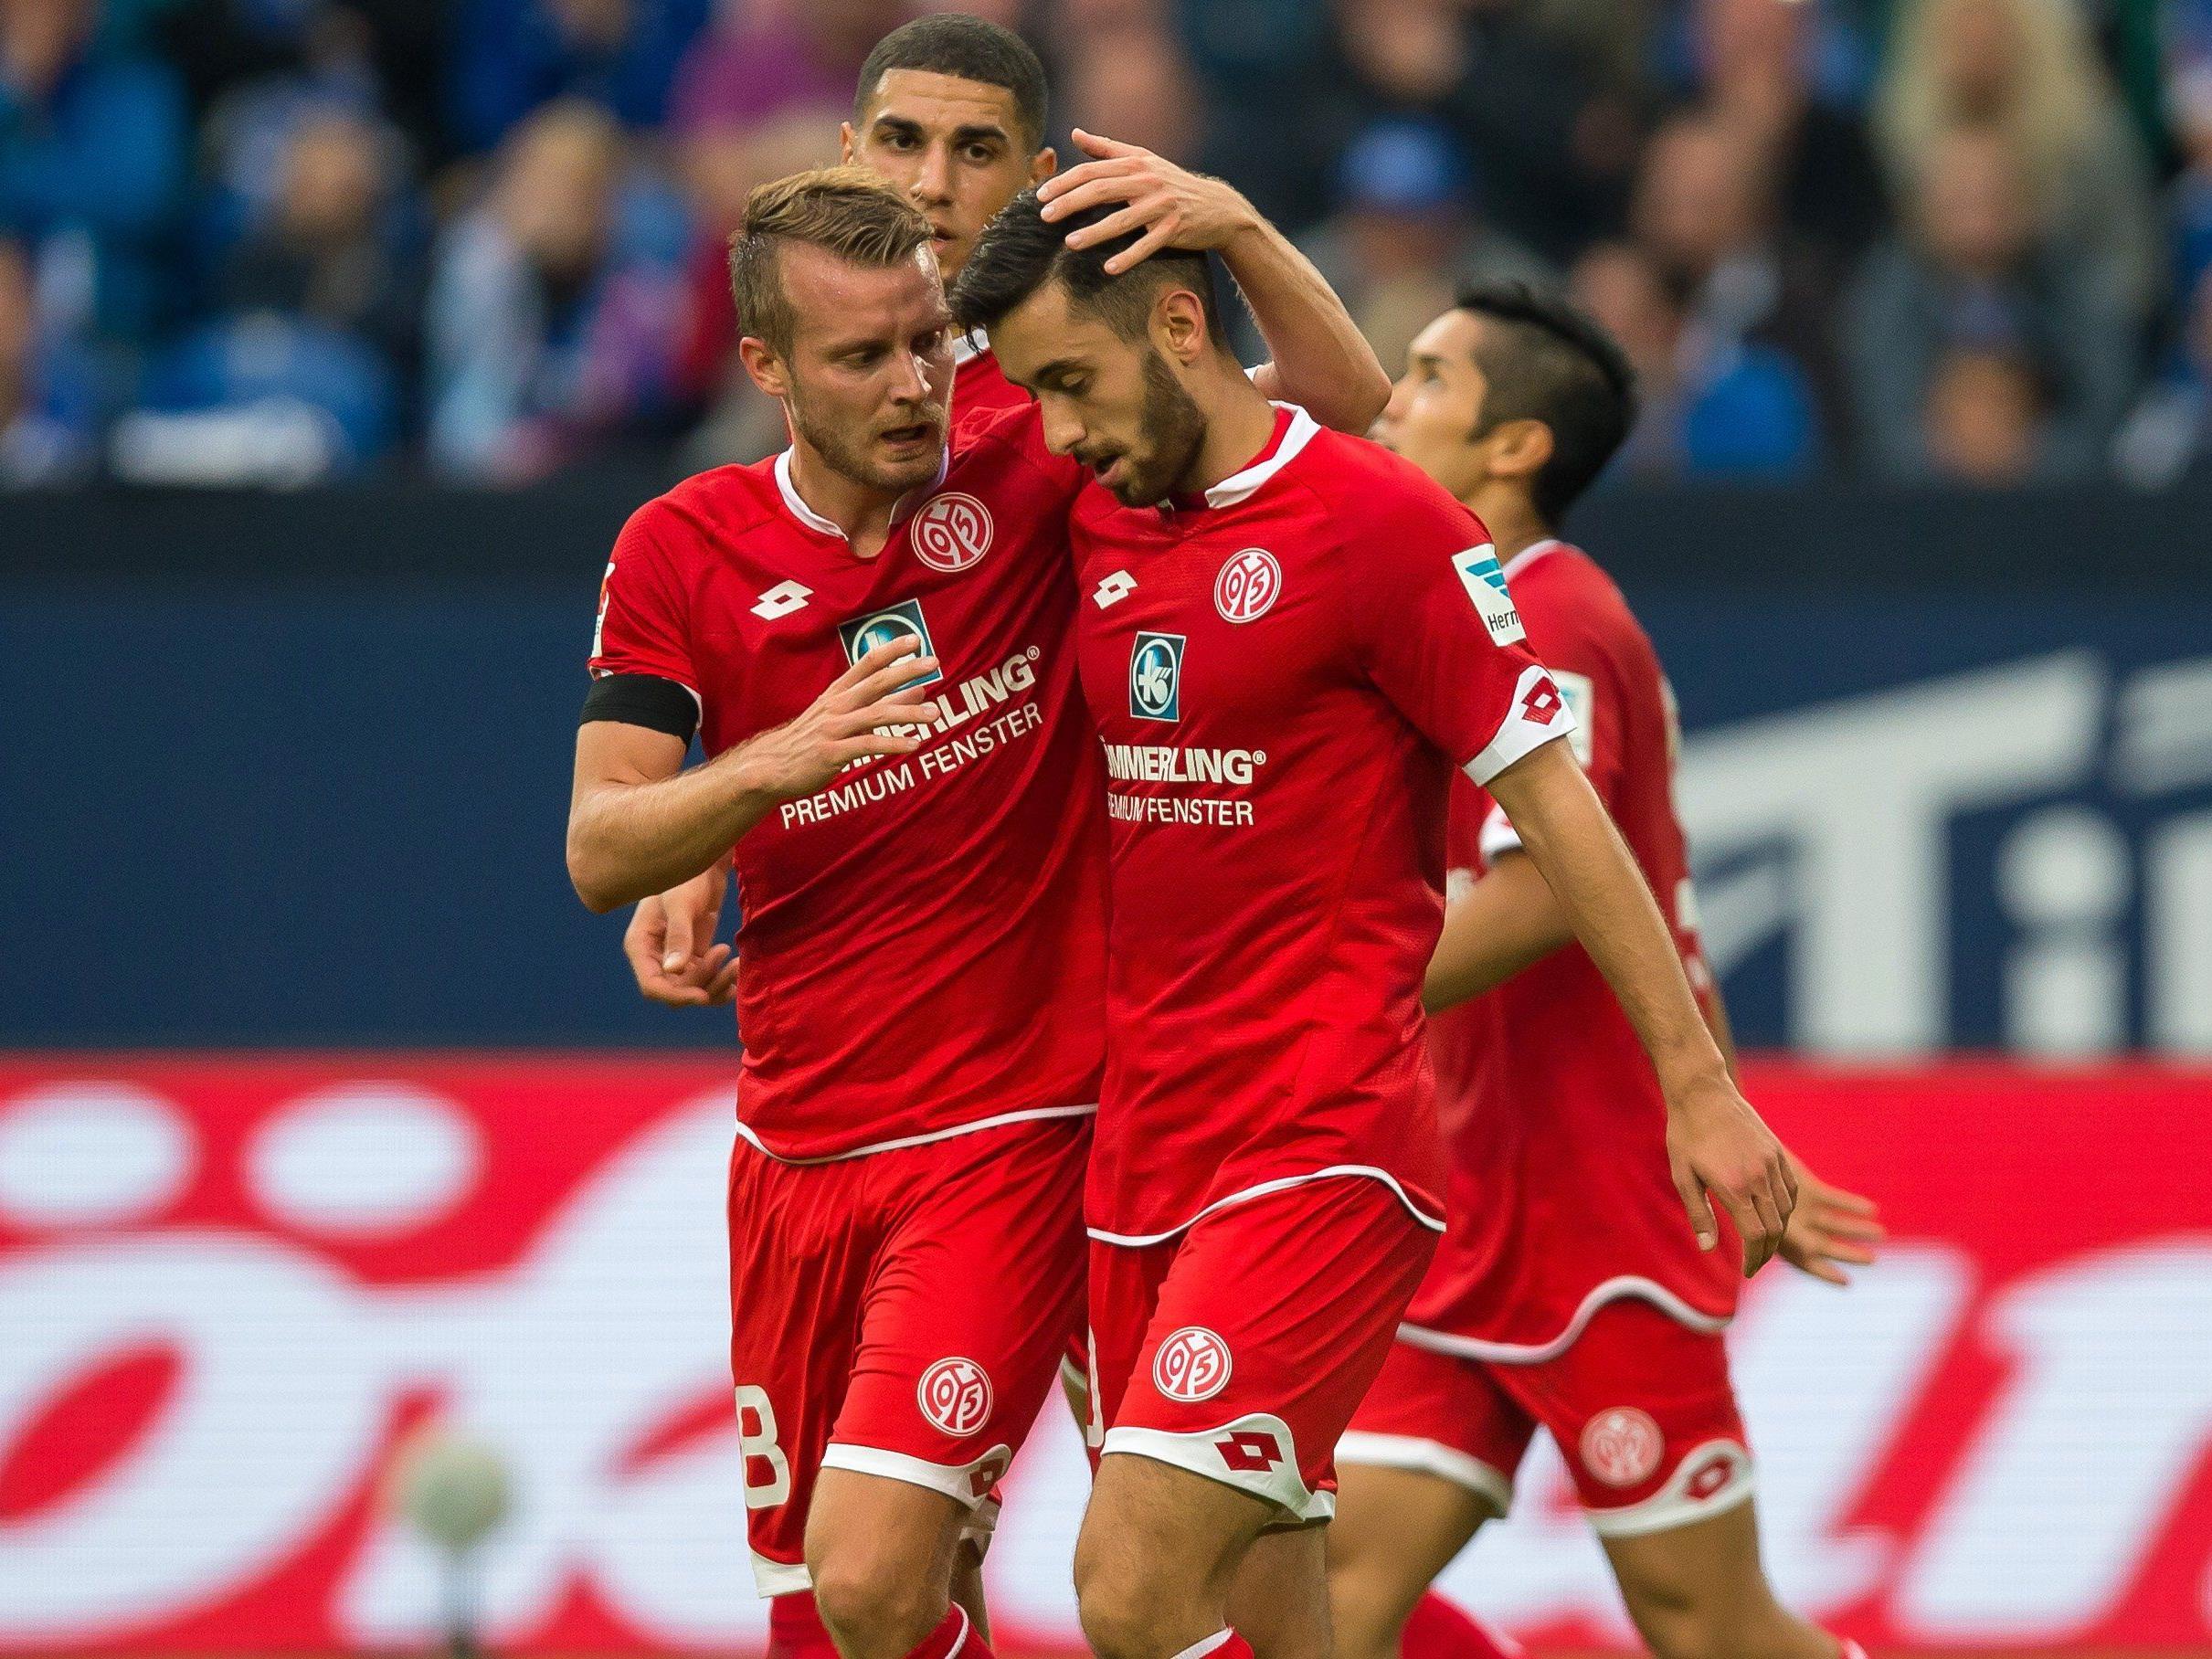 Der 5. Spieltag startet am Freitag Abend mit Mainz 05 gegen Hoffenheim.